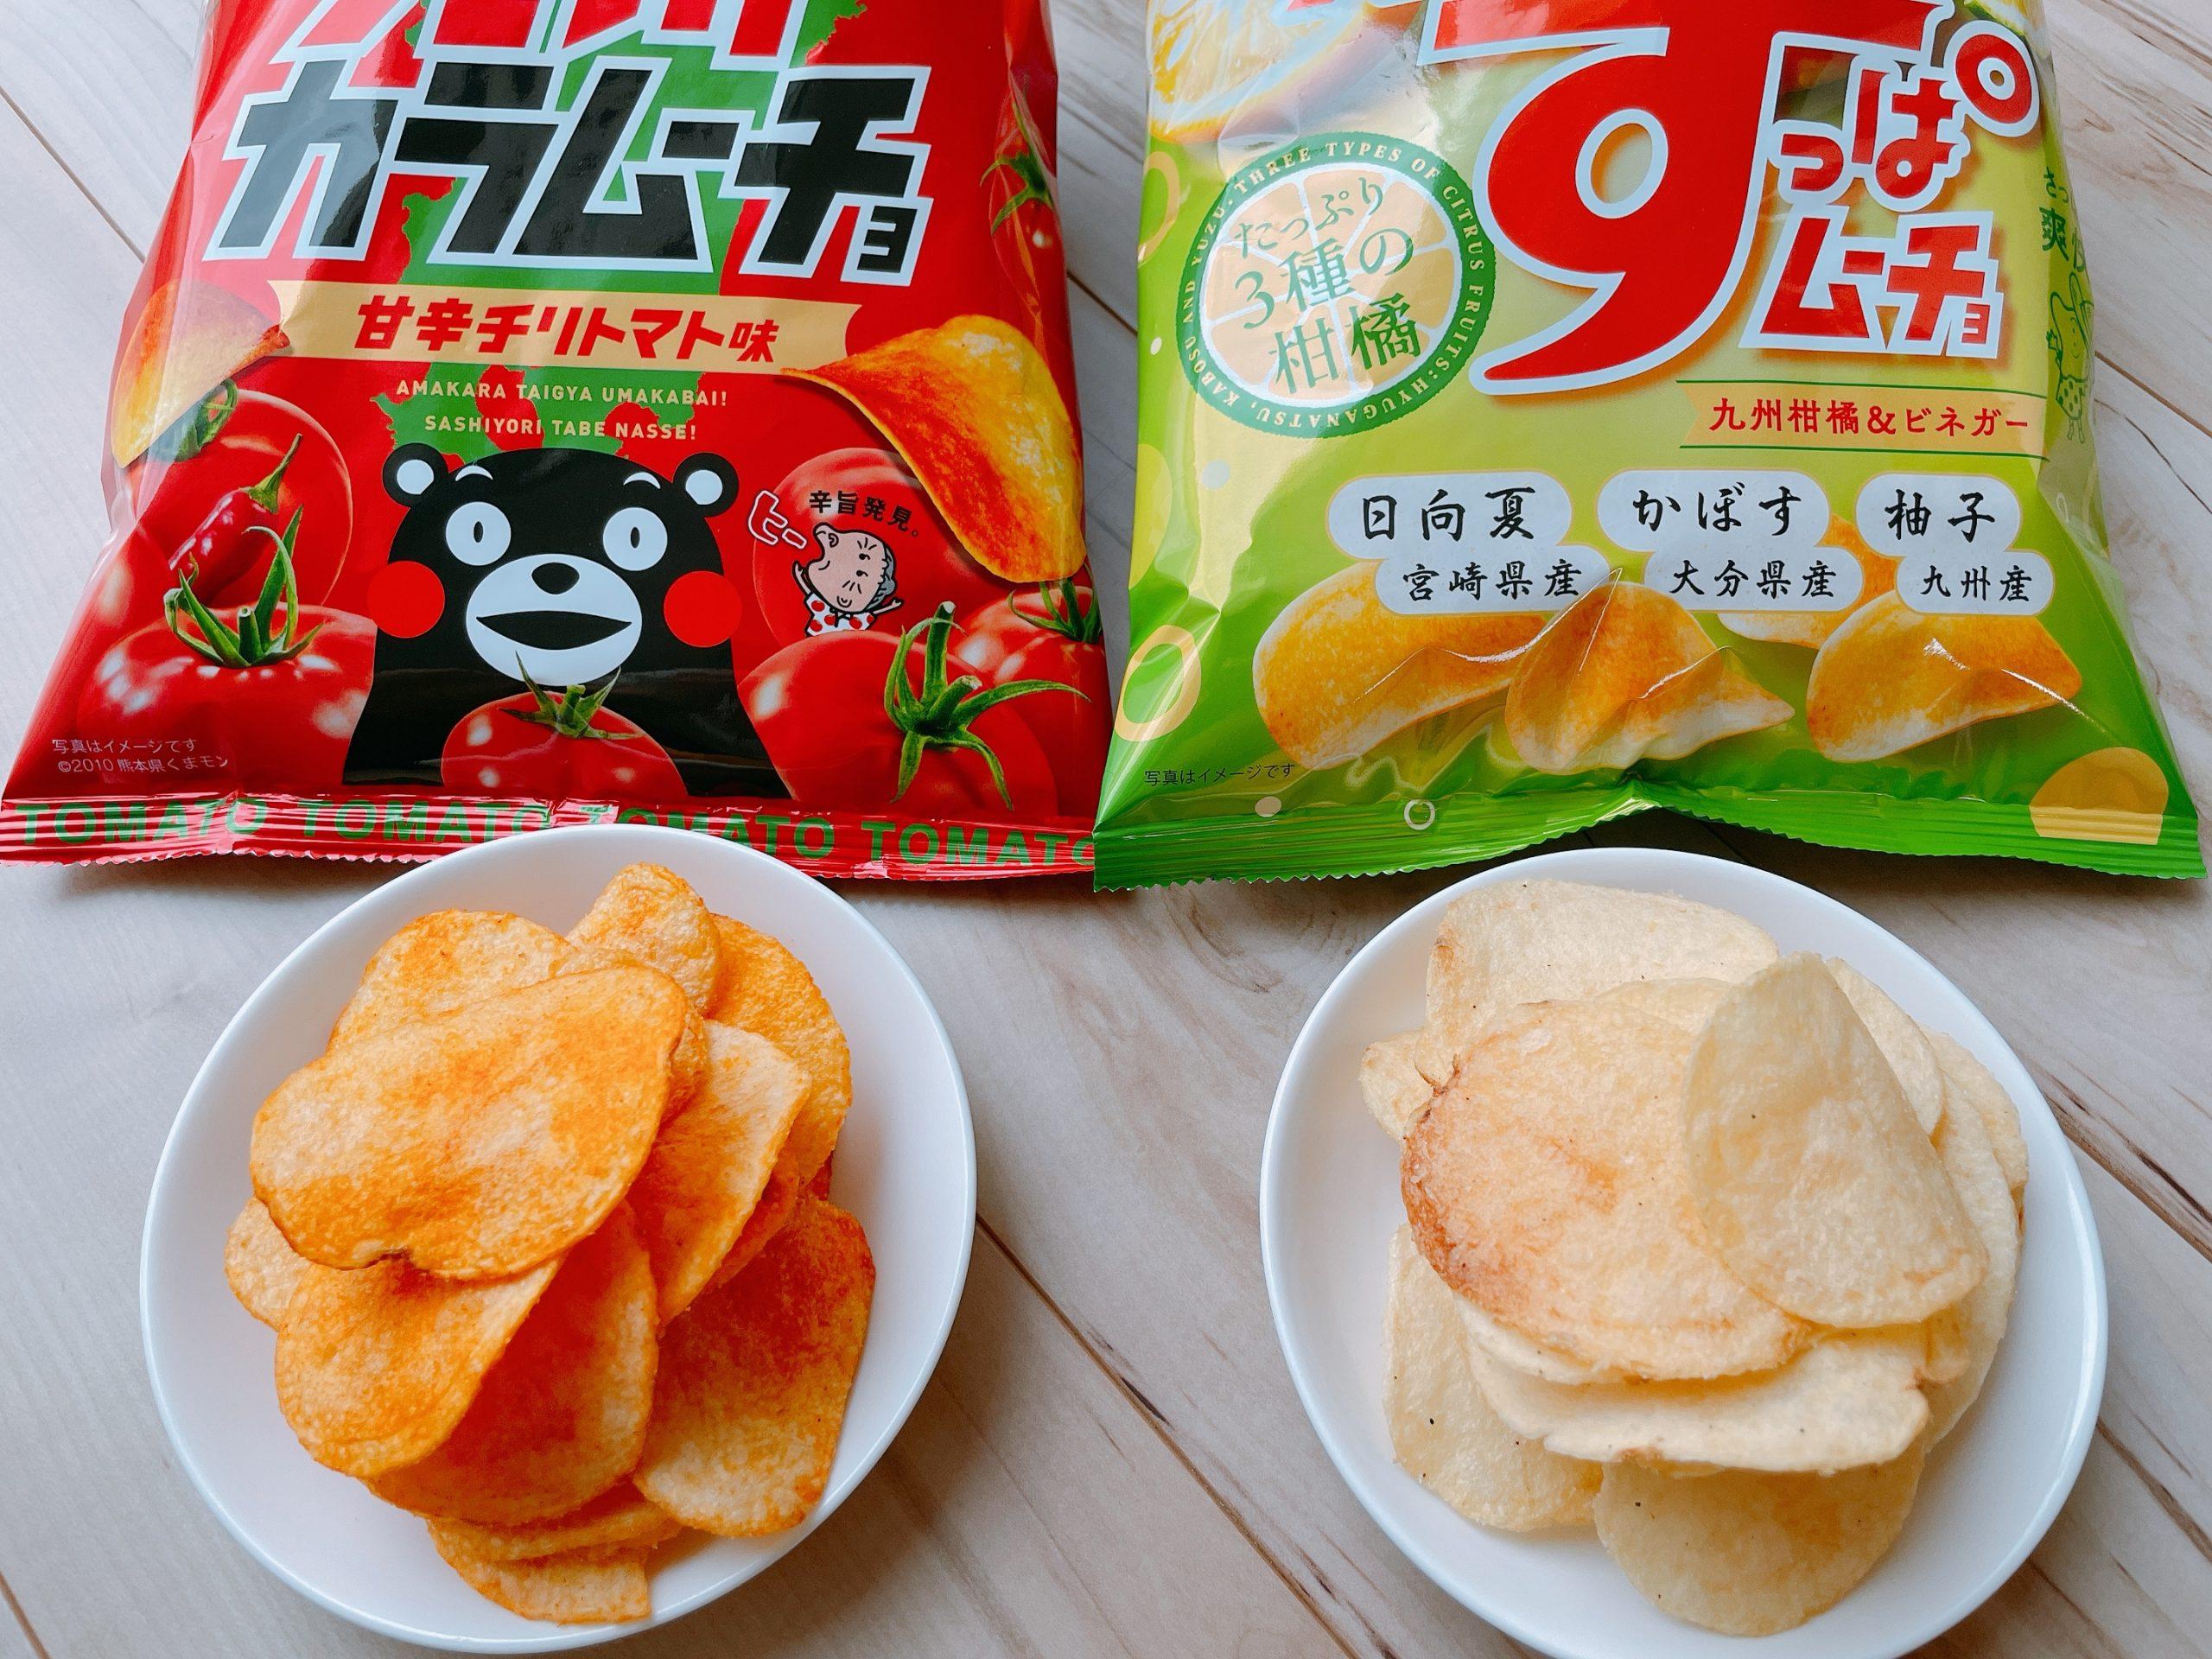 九州すっぱムーチョ<九州柑橘&ビネガー>と九州カラムーチョ<甘辛チリトマト>非常に食べやすくなって、爽やかな酸っぱさをより感じる